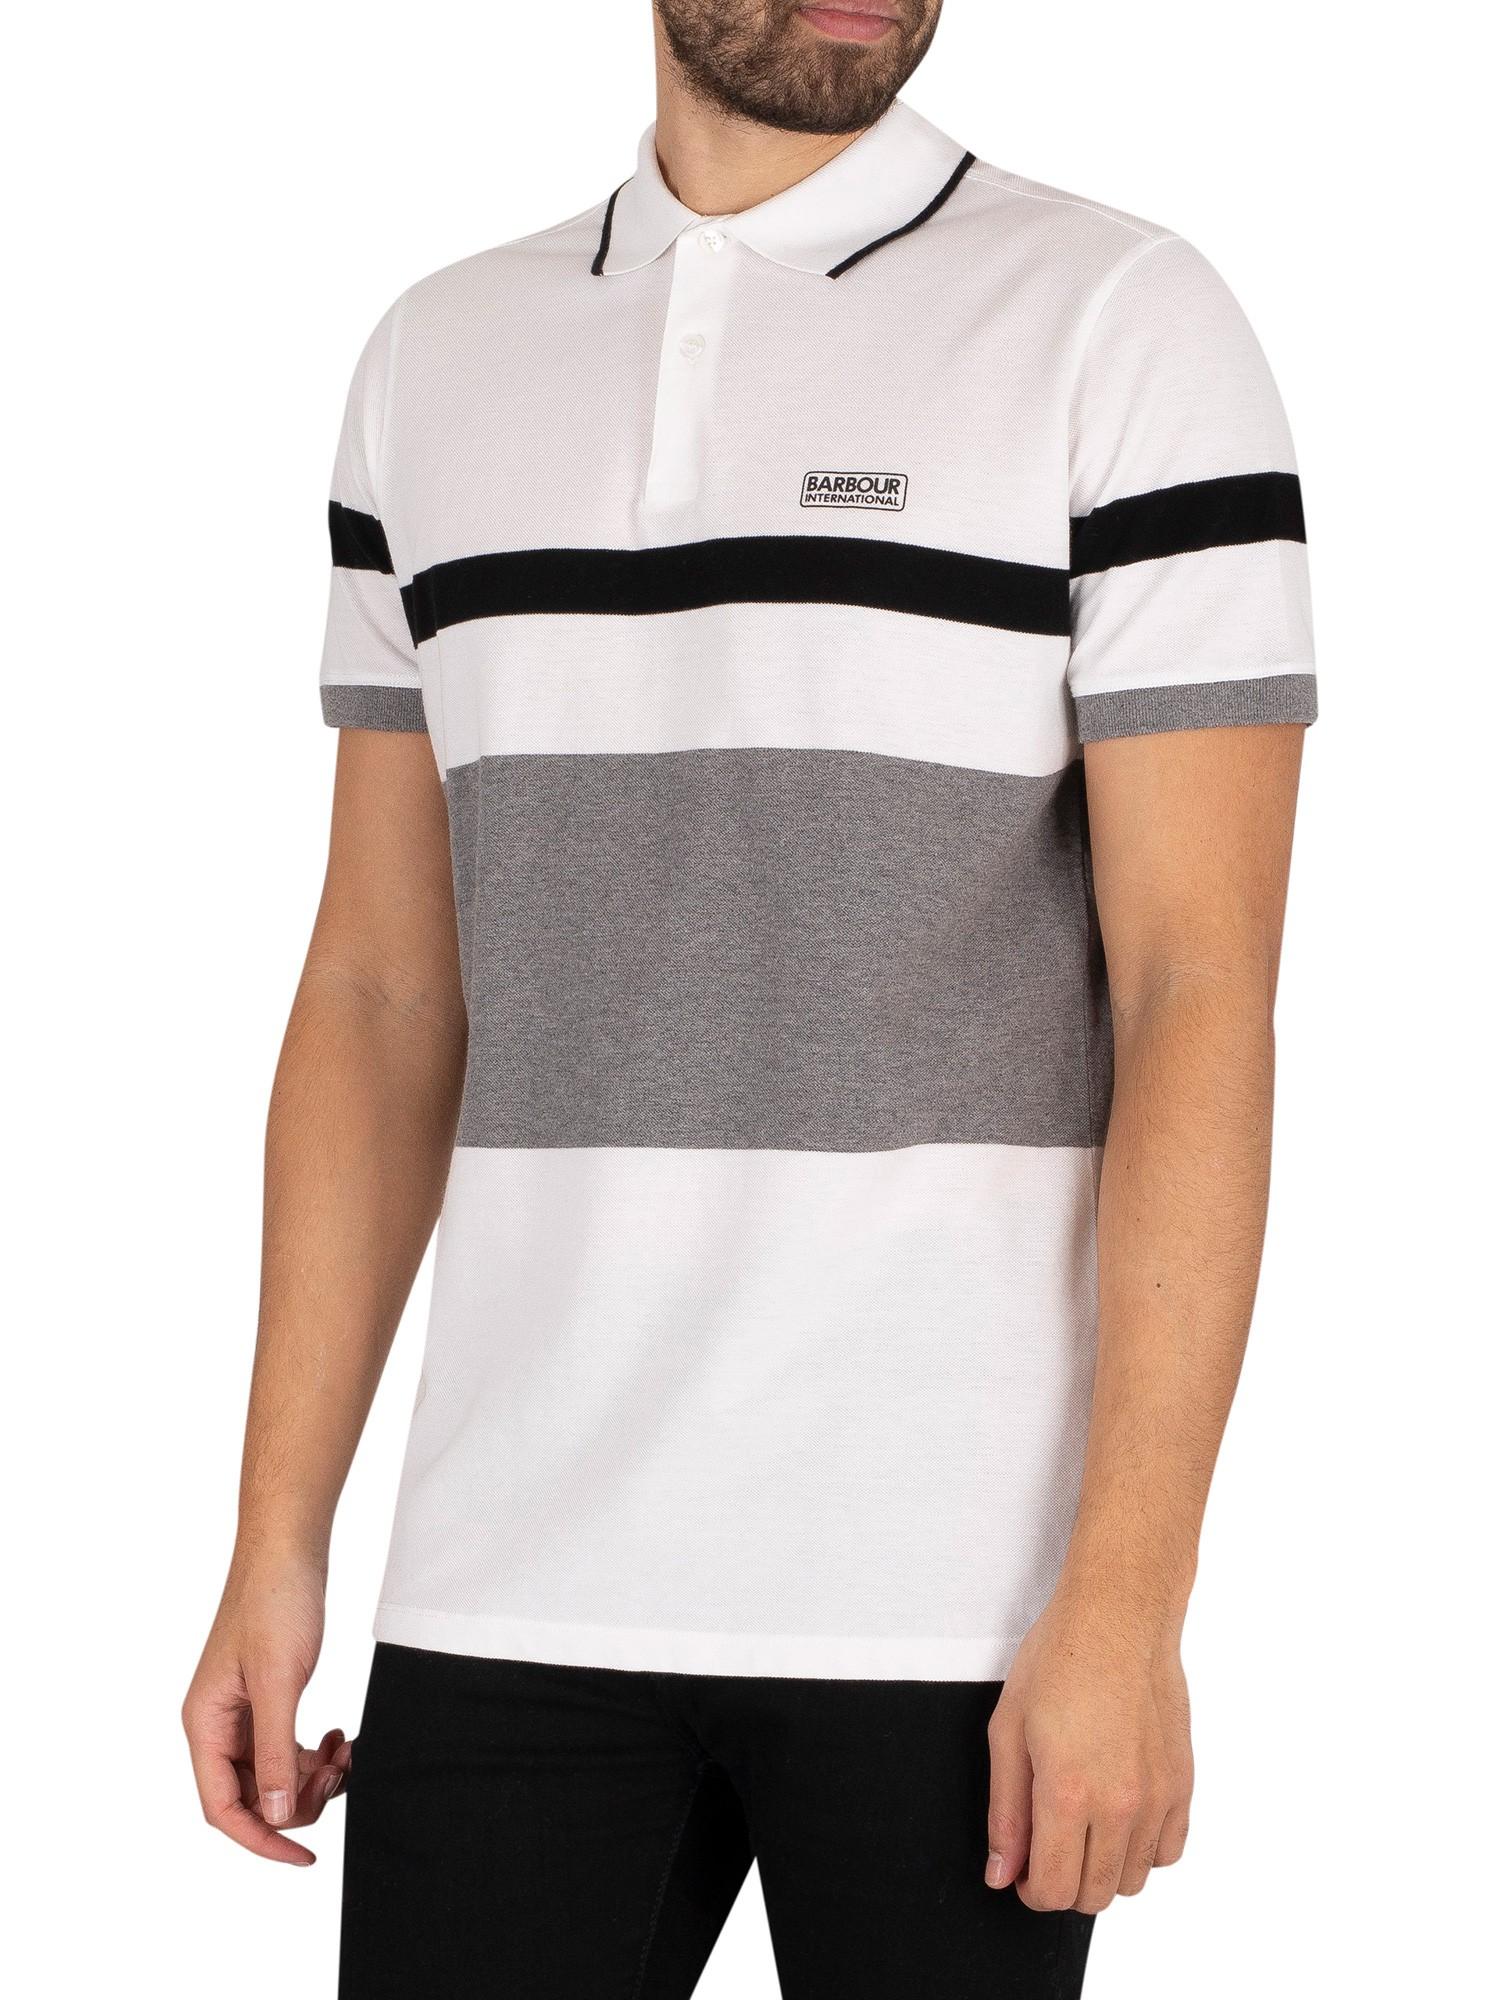 Clax Stripe Polo Shirt